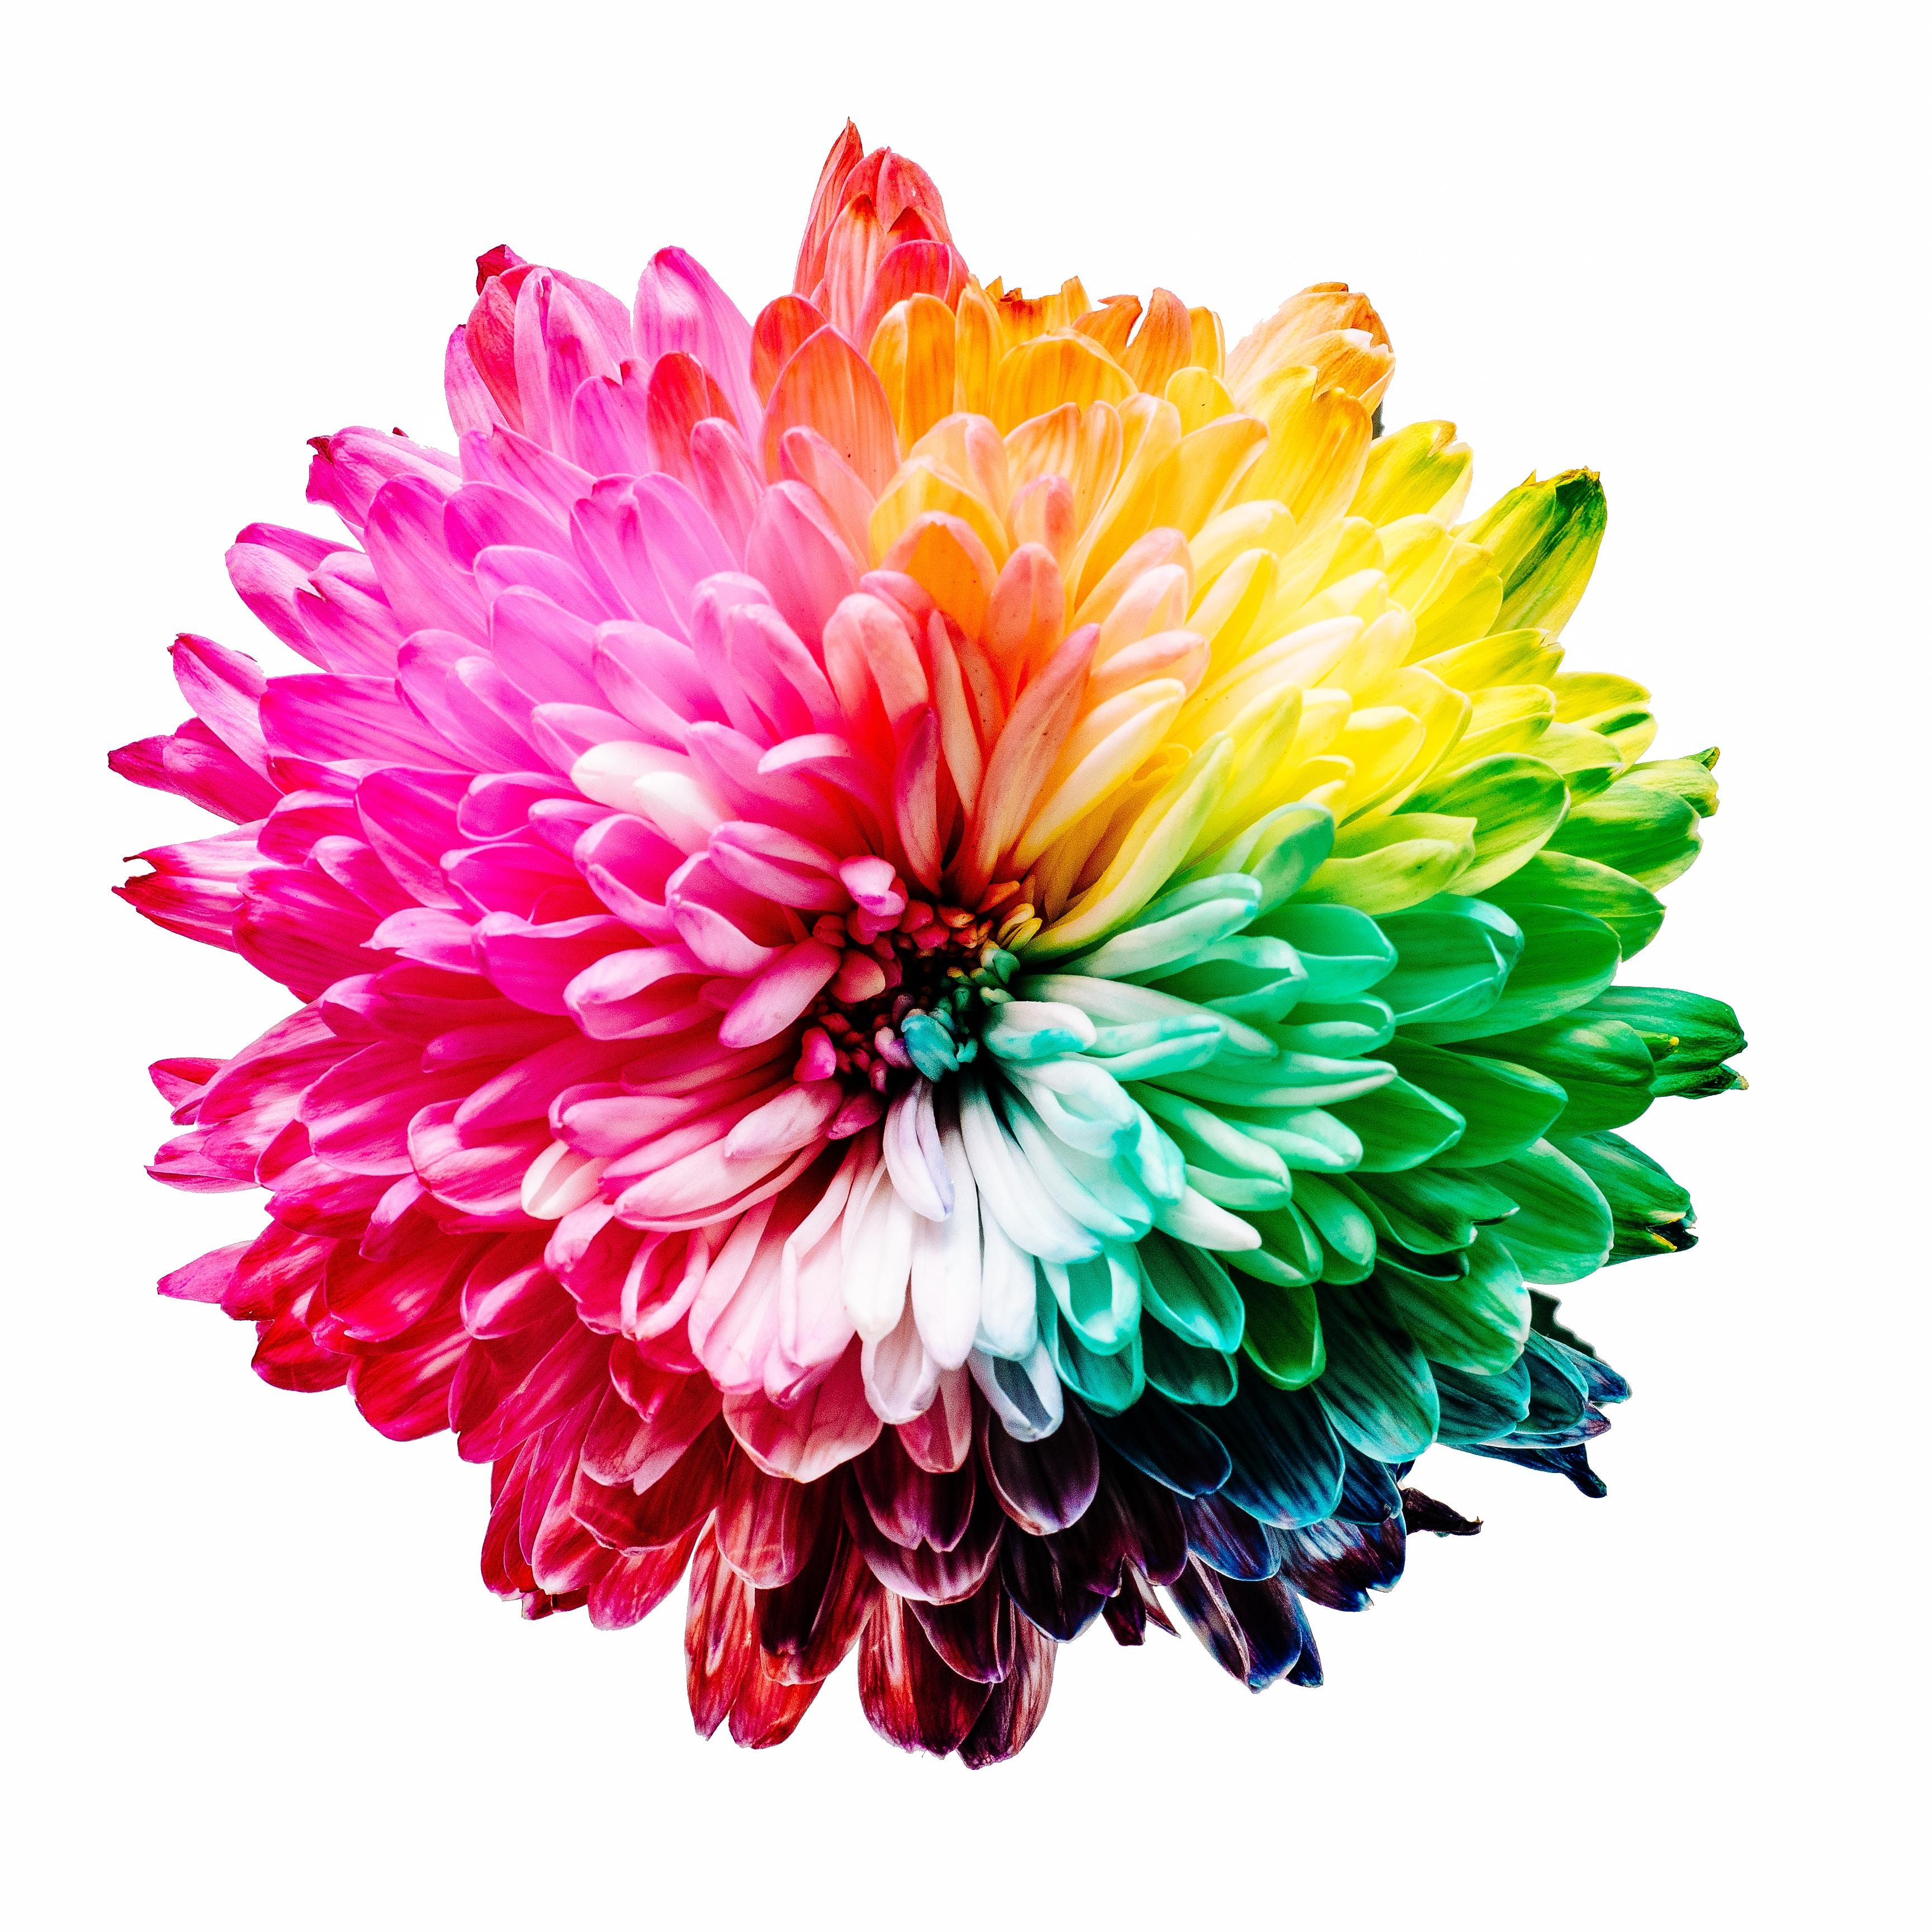 Regenbogenfarbene Blüte